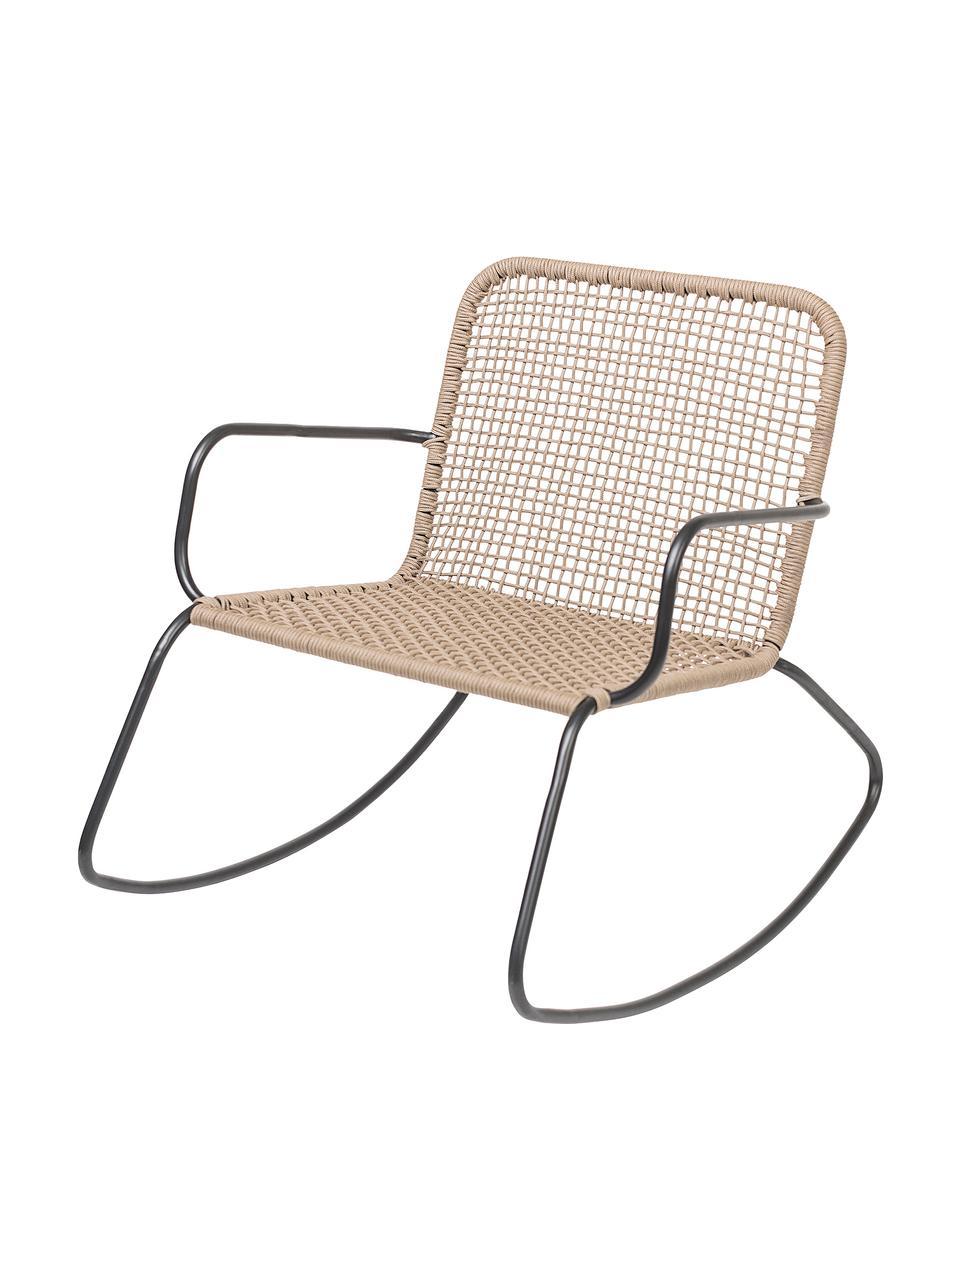 Rotan schommelstoel Mundo met metalen frame, Frame: gepoedercoat metaal, Zitvlak: polyethyleen, Zwart, beige, B 73 x D 89 cm